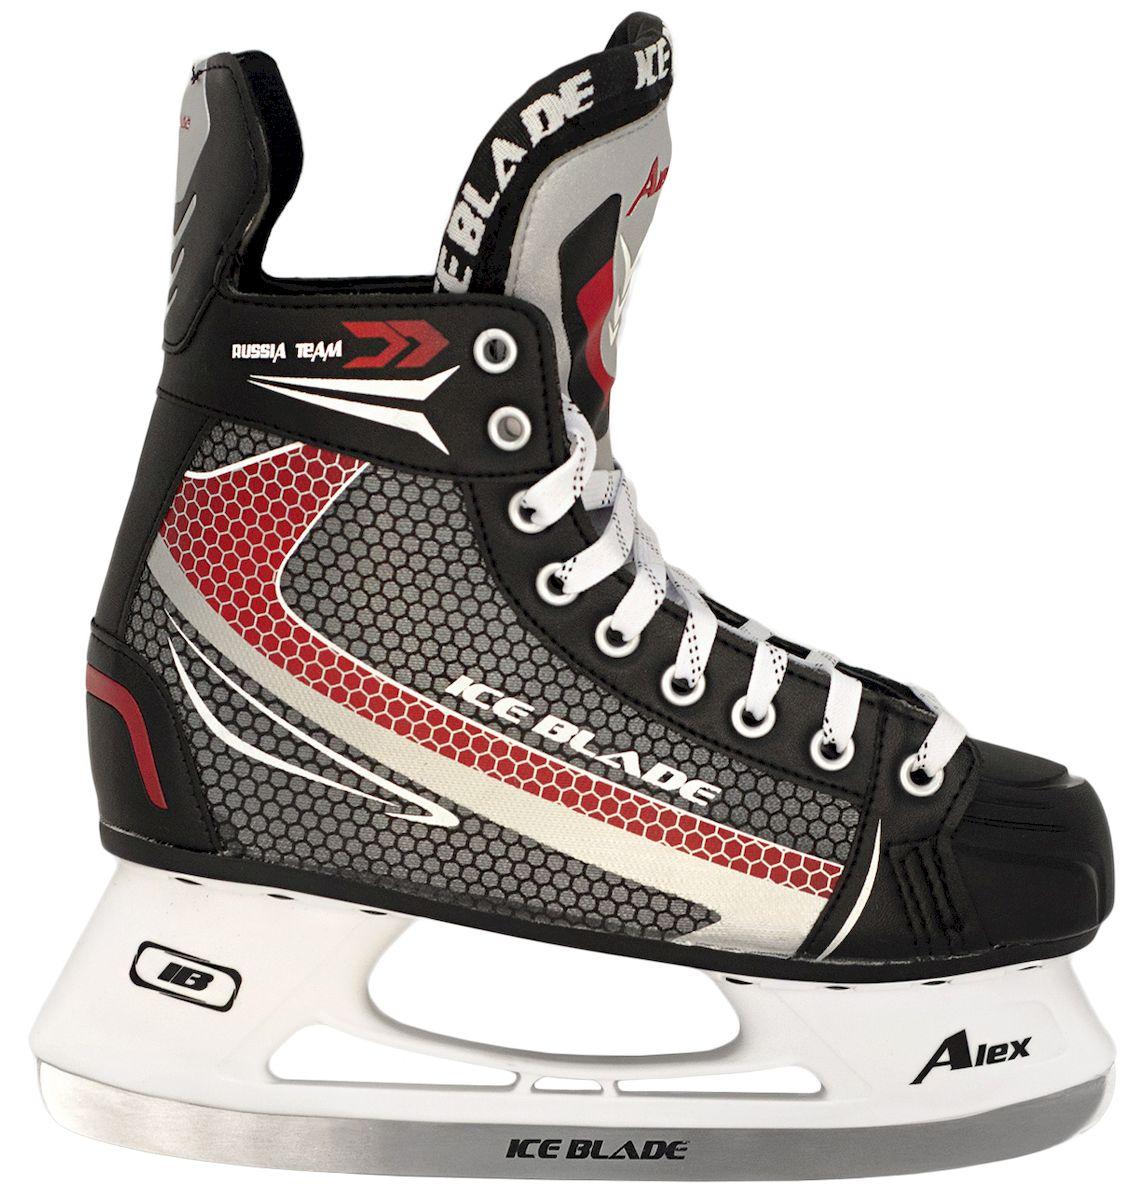 Коньки хоккейные Ice Blade Alex New, цвет: черный, красный, серый. УТ-00006868. Размер 38